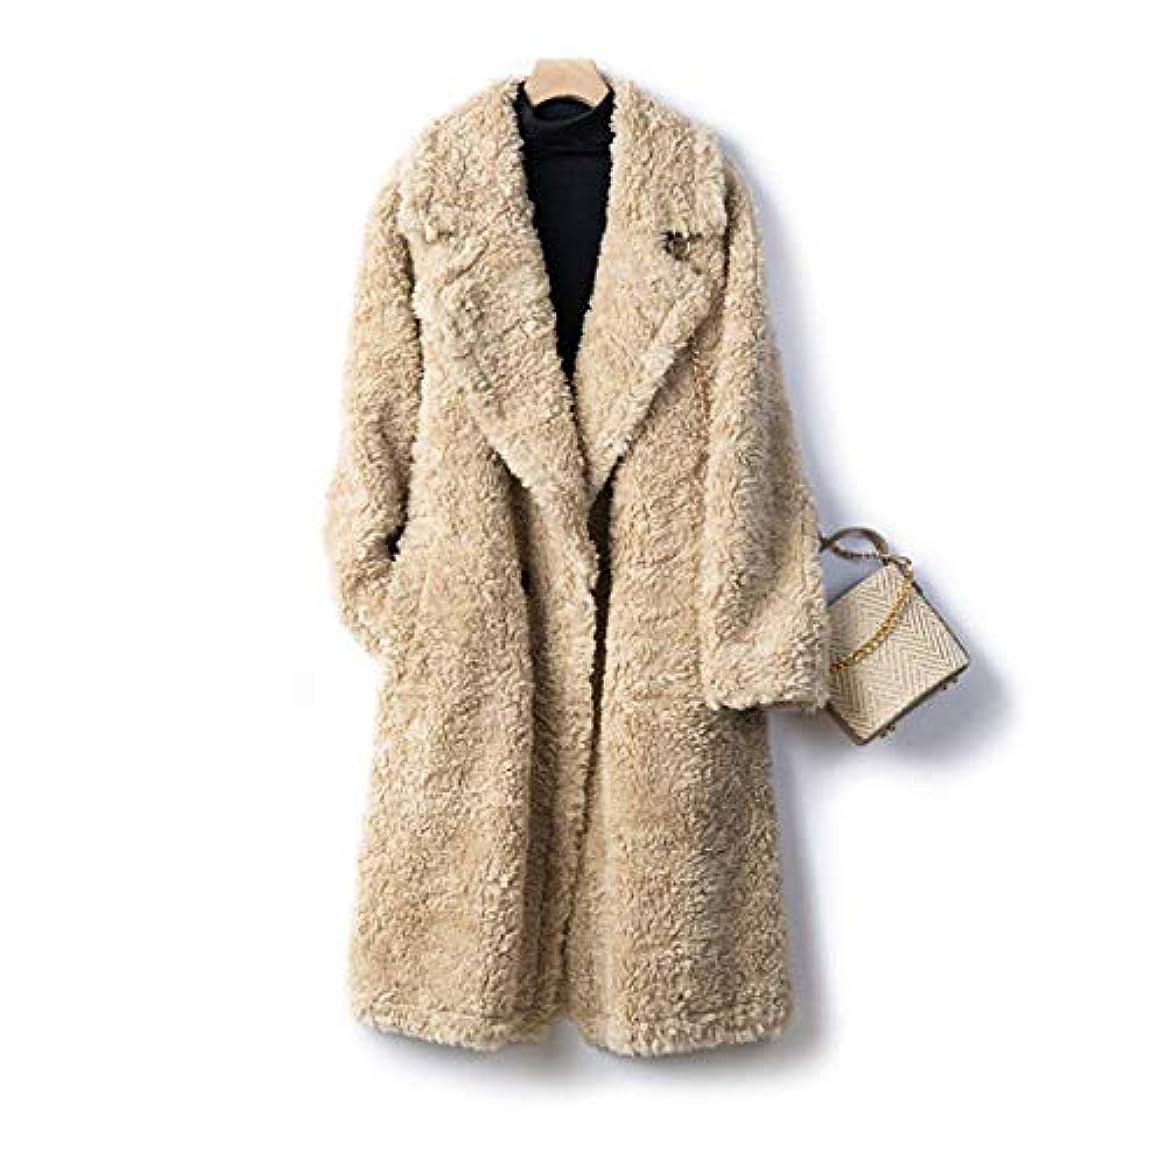 叱る成長する脱臼する厚いウールのコート、女性のコートレディースウインドブレーカージャケット厚い羊のせん断顆粒ロングコートの女性のウールコート19秋と冬の婦人服,A,M